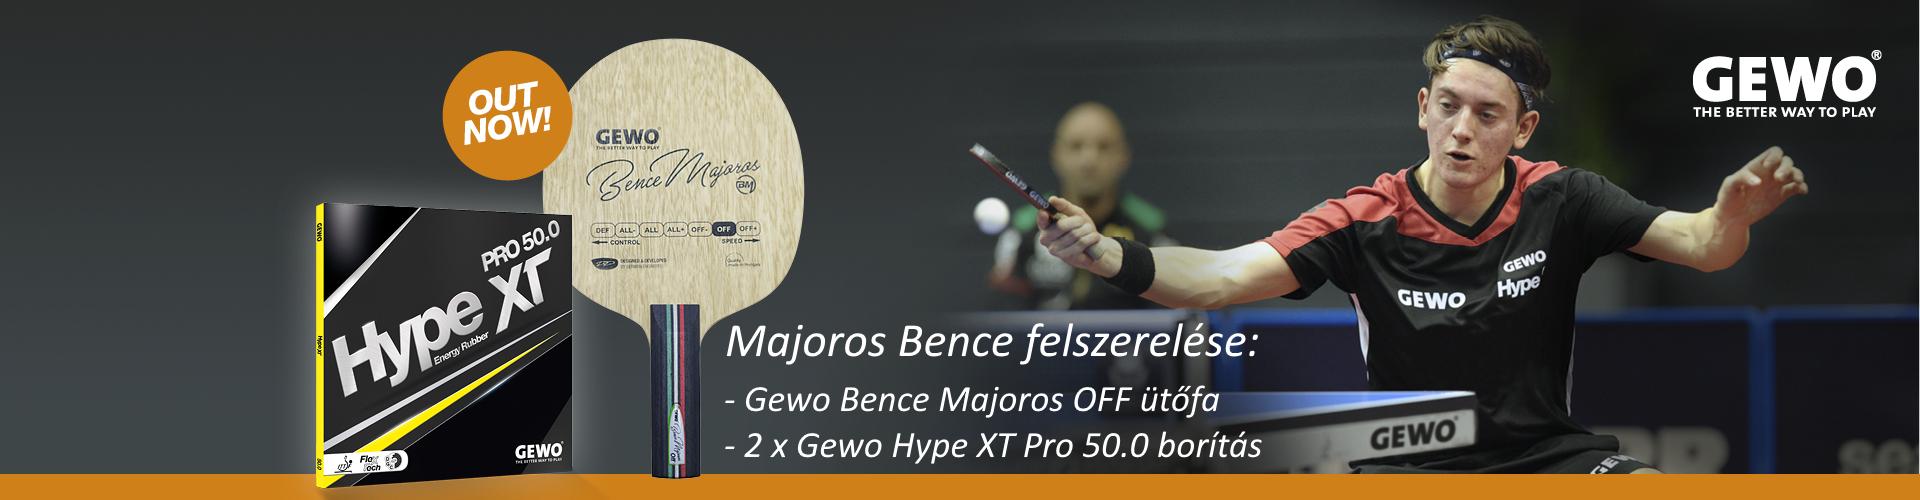 Gewo Majoros Bence ütőfa és Hype XT Pro 50.0 borítás